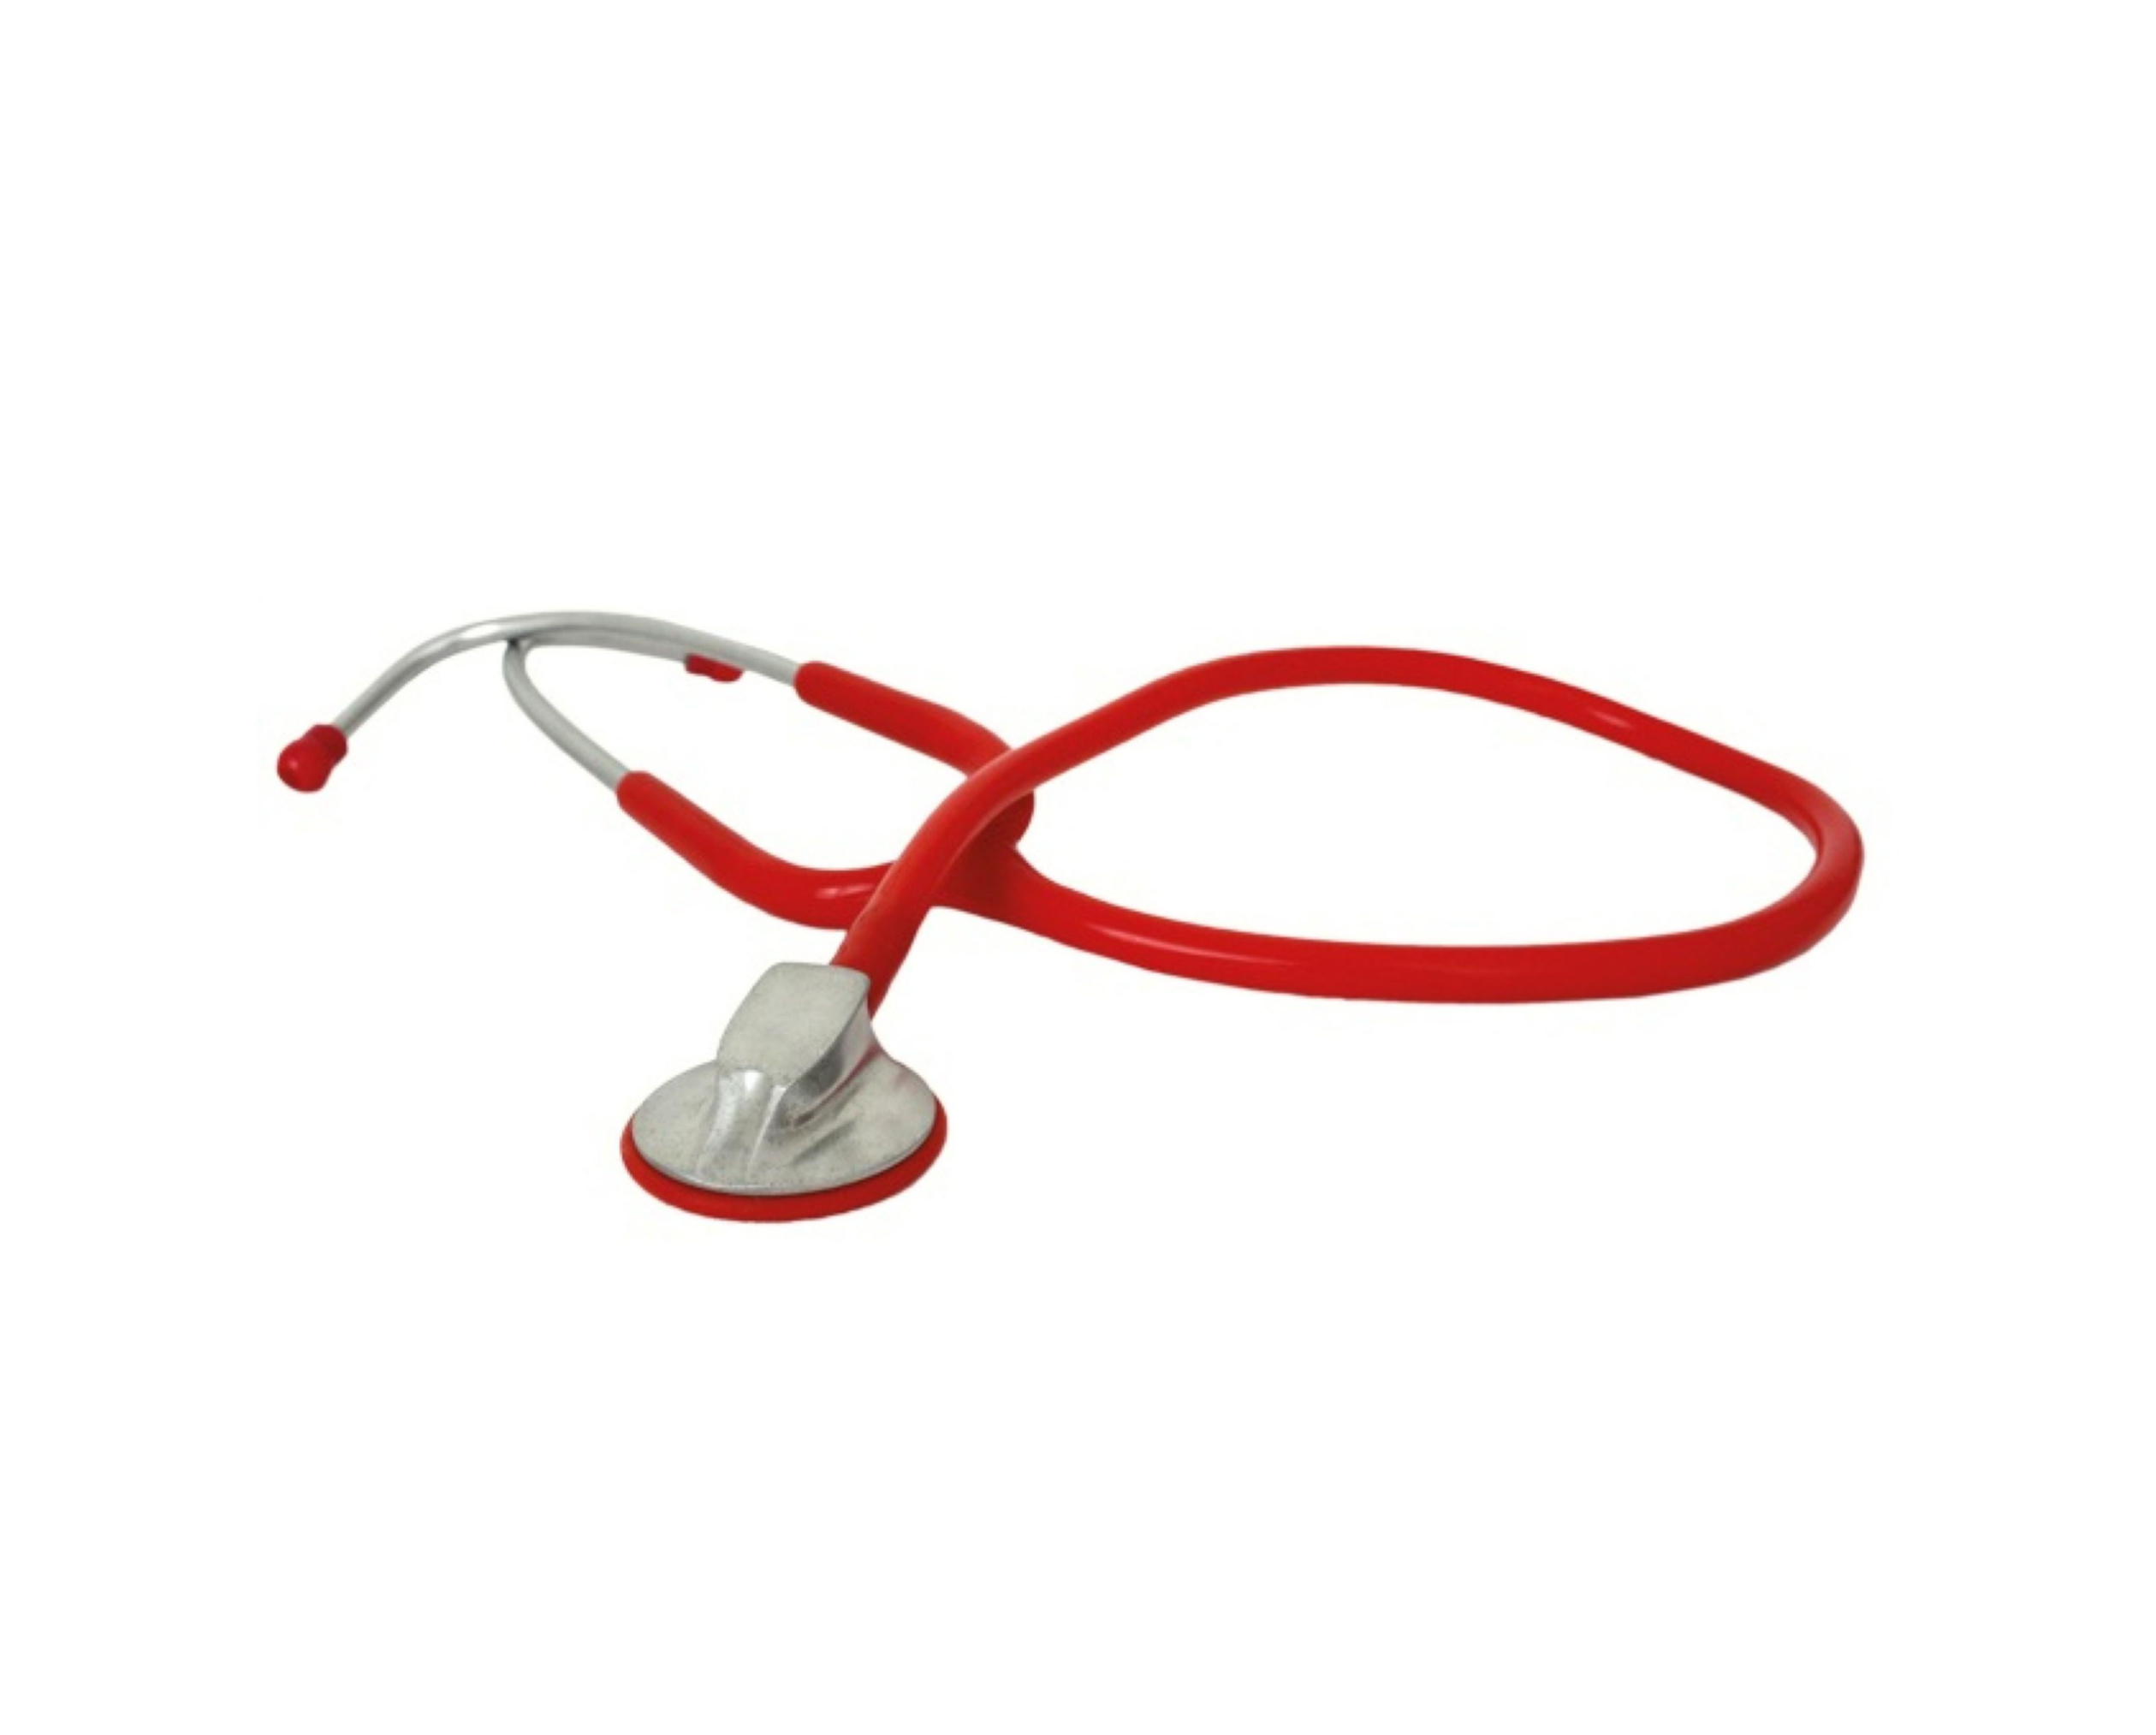 Flachkopf-Stethoskop in rot